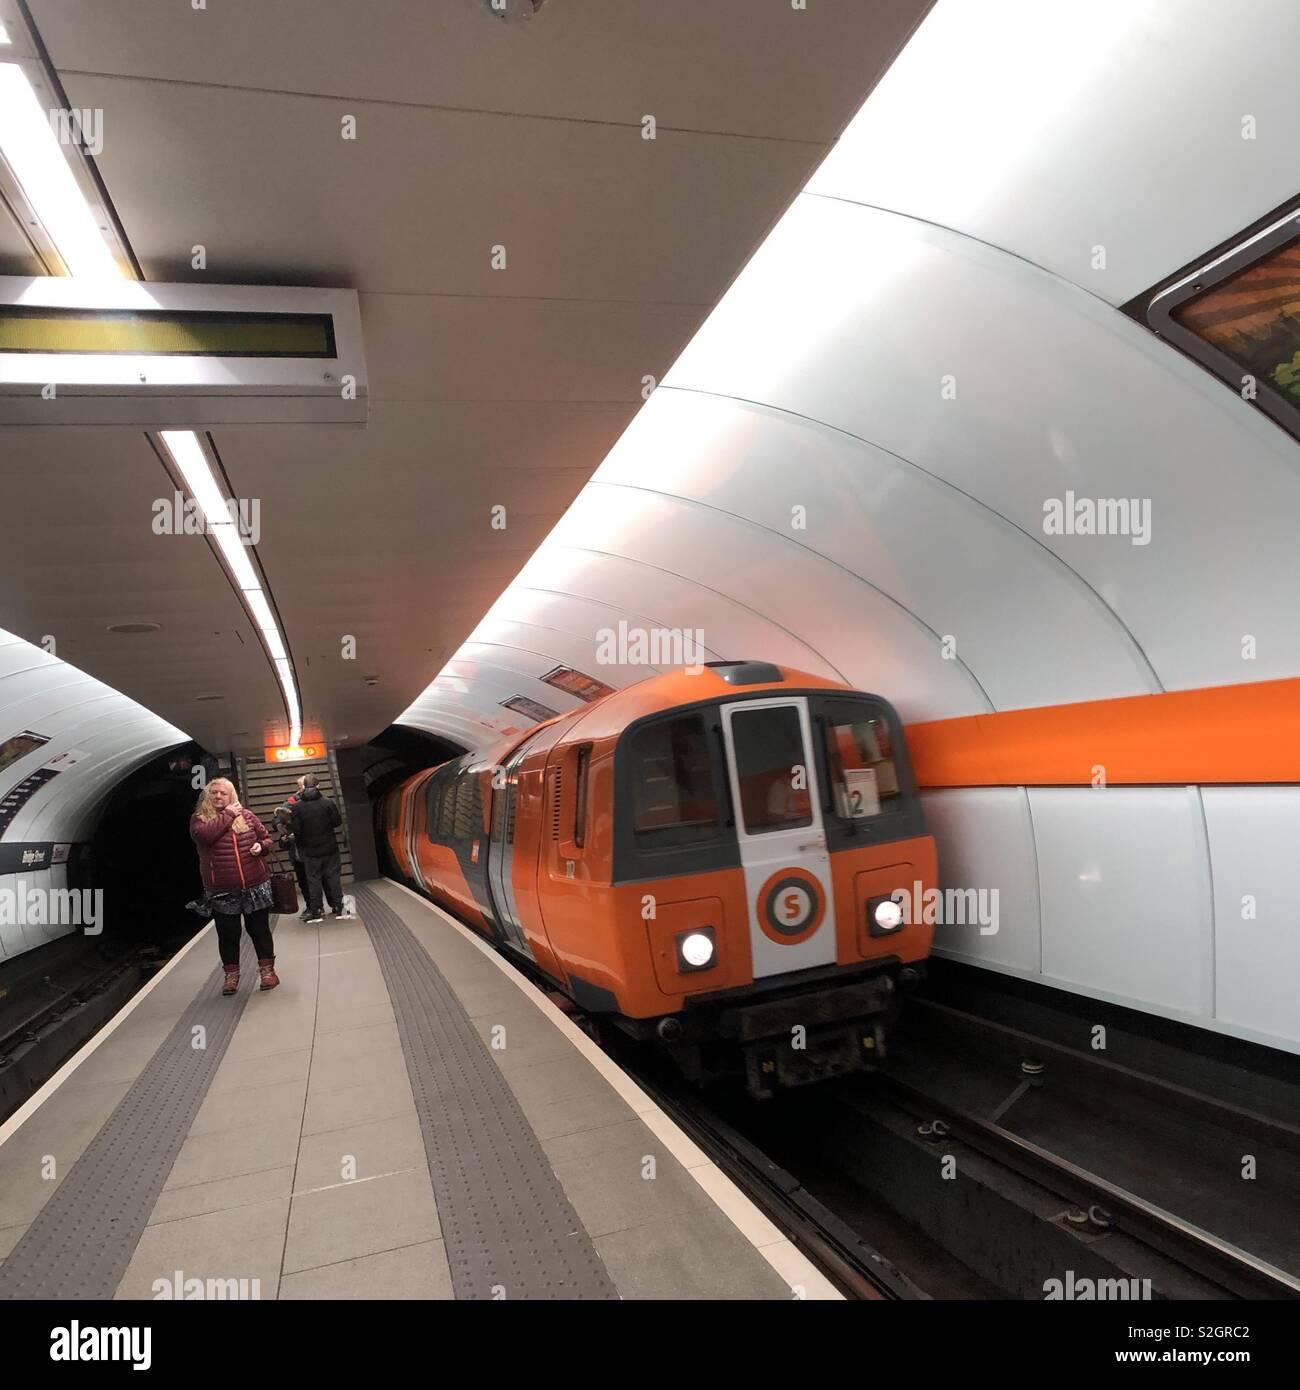 Glasgow subway train arriving at station. Scotland. UK. - Stock Image